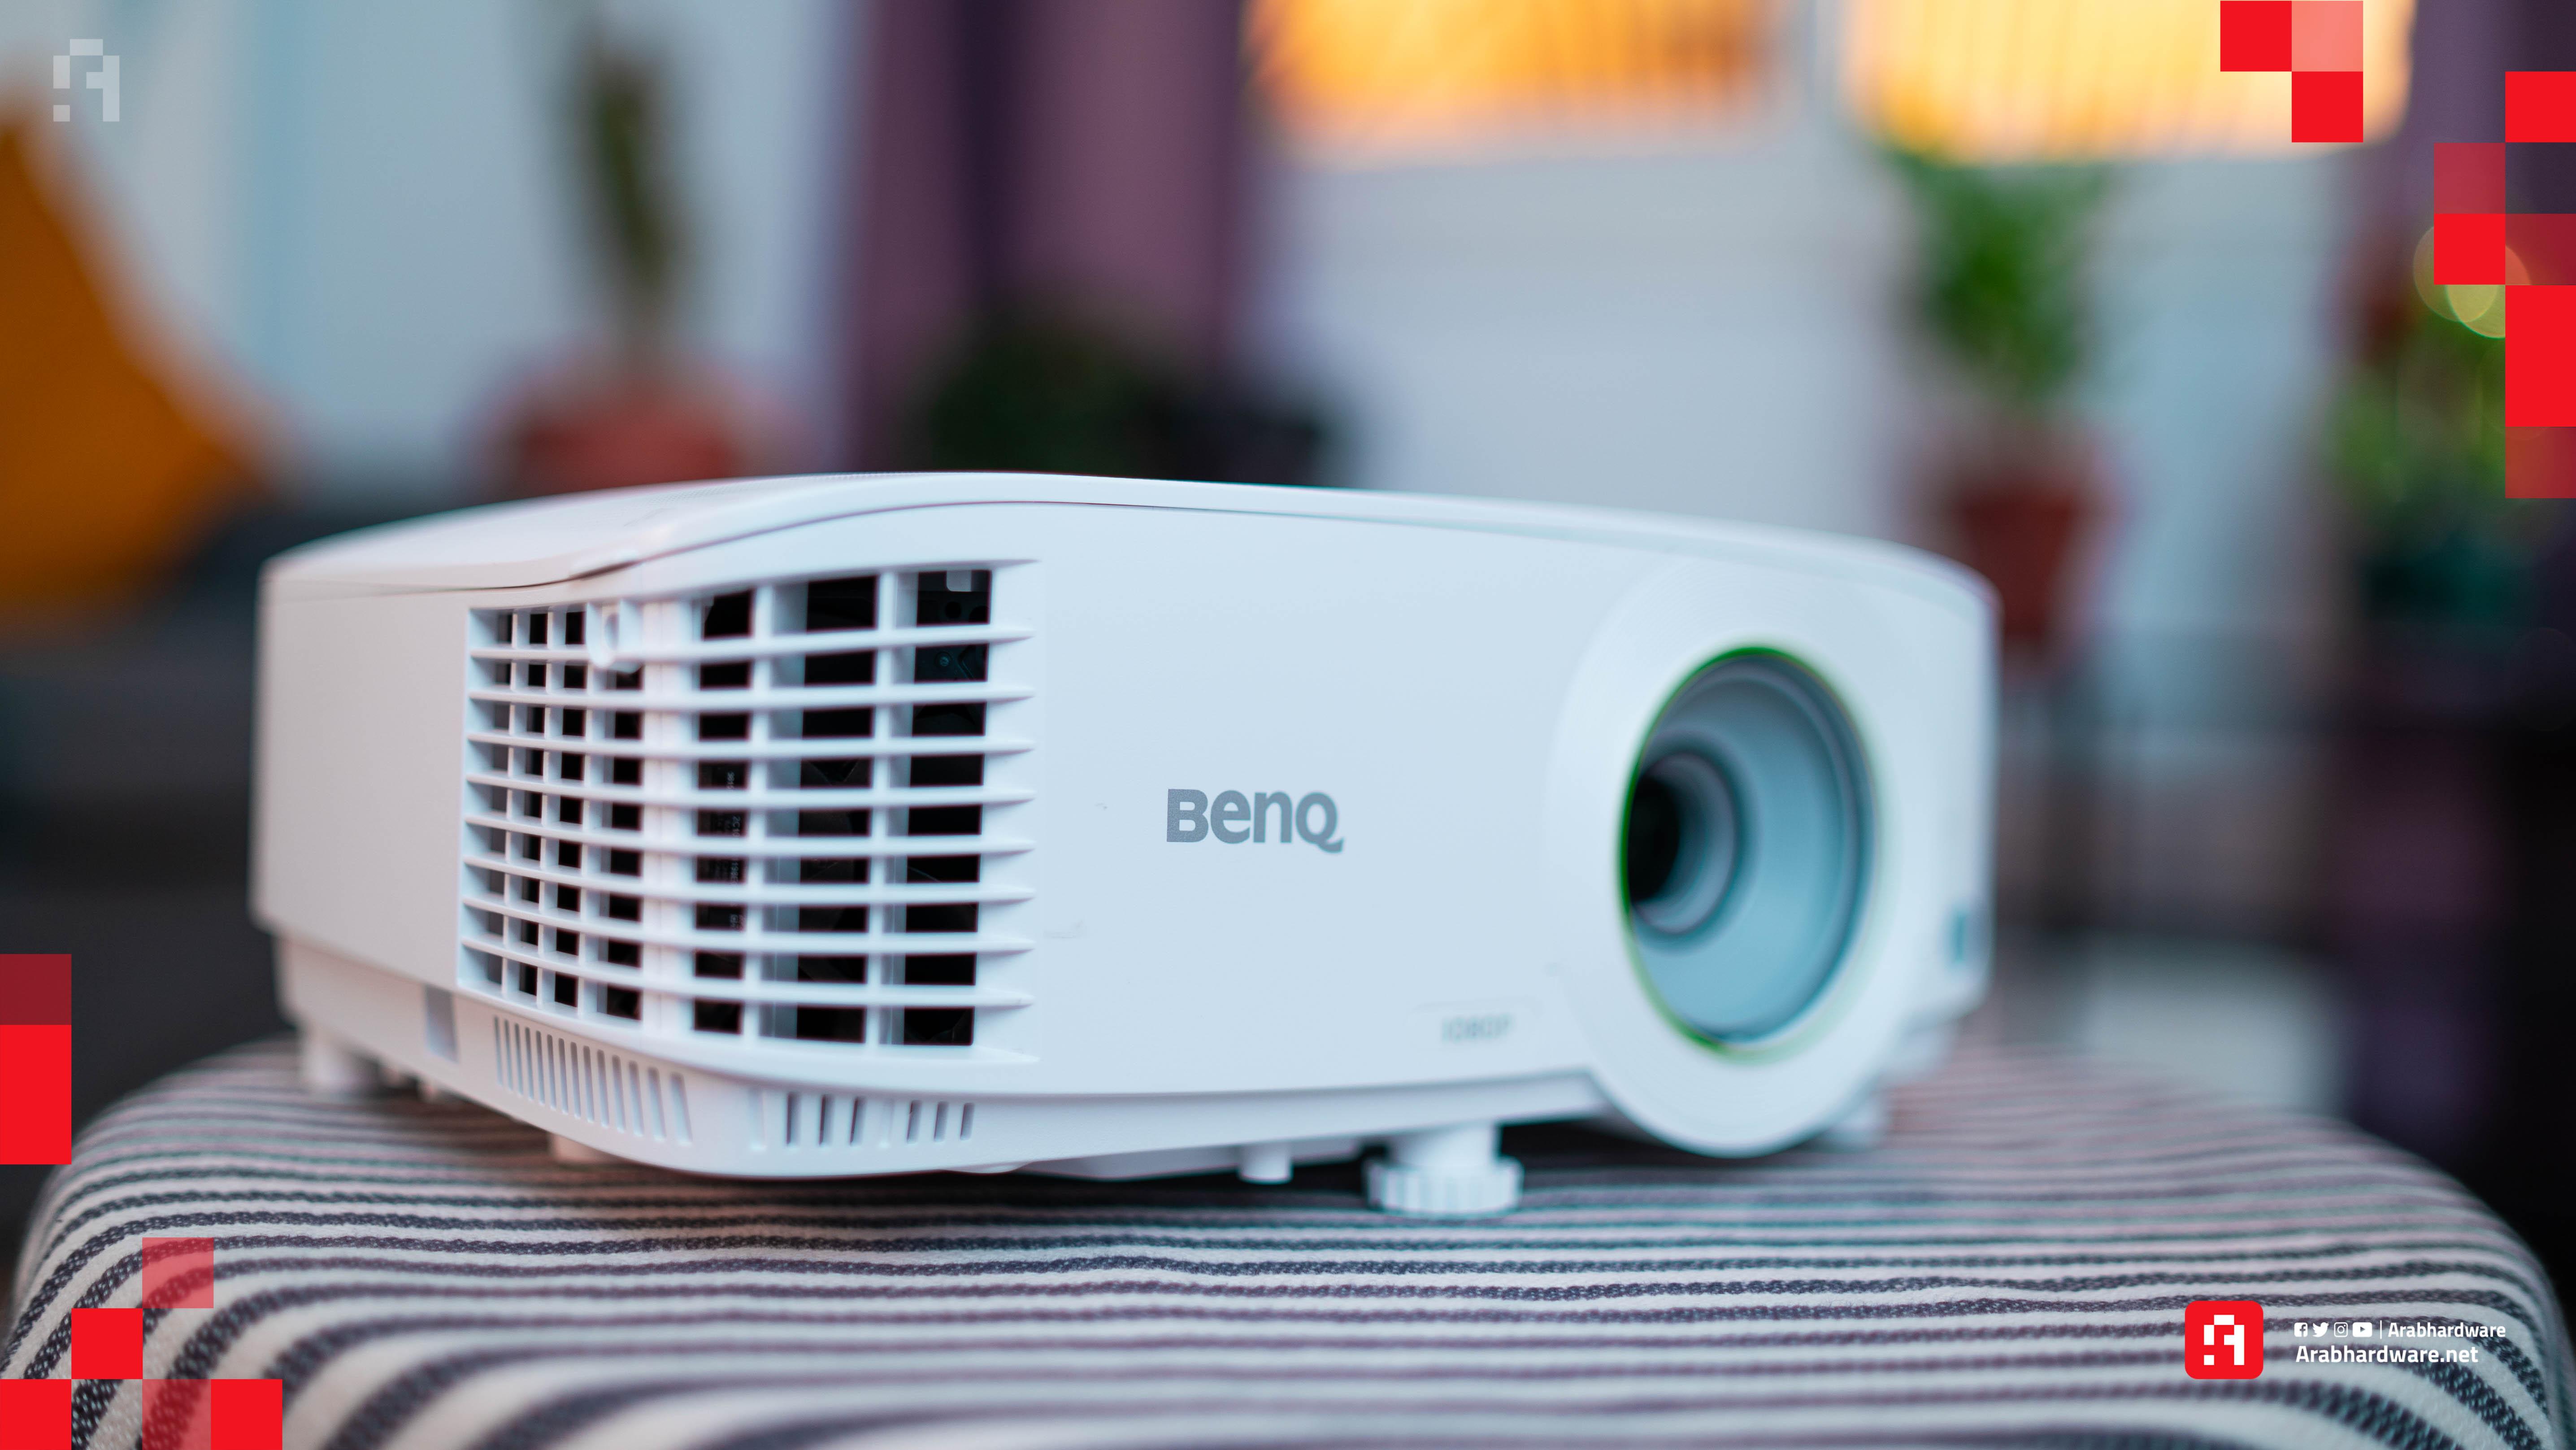 BenQ EH600 Projector (13)